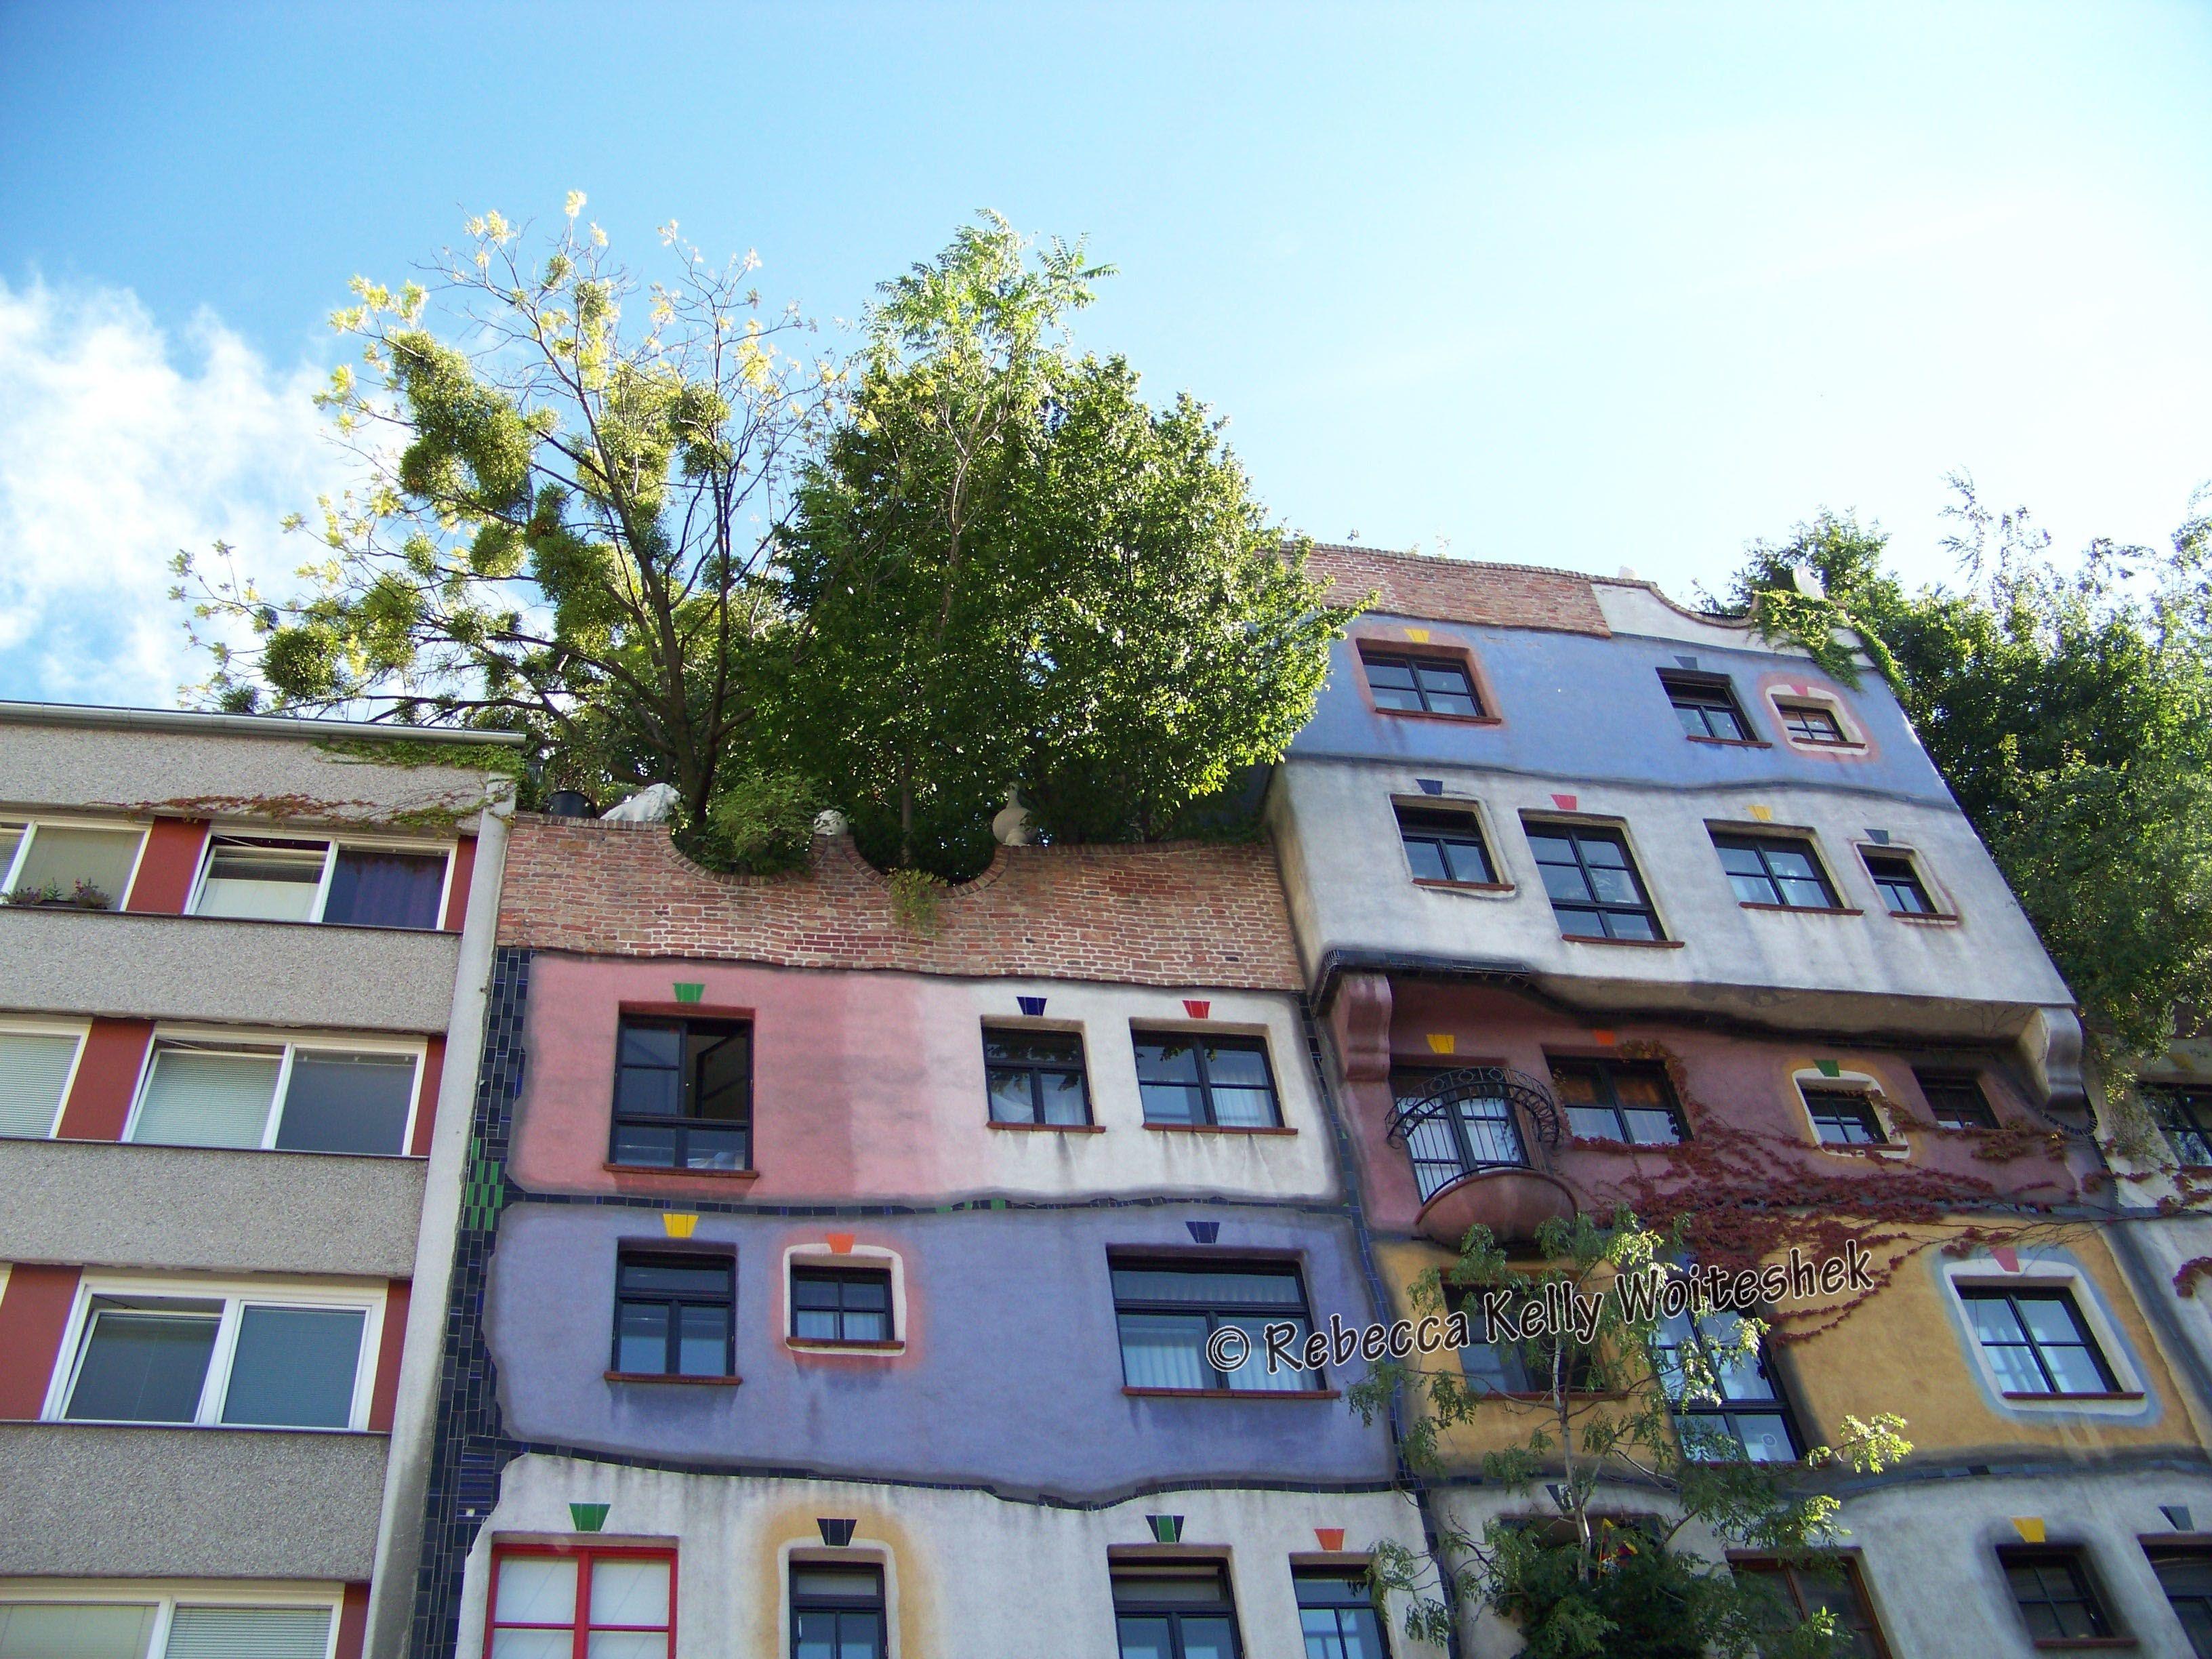 Hundertwasser House In Vienna Austria Designed By Artist